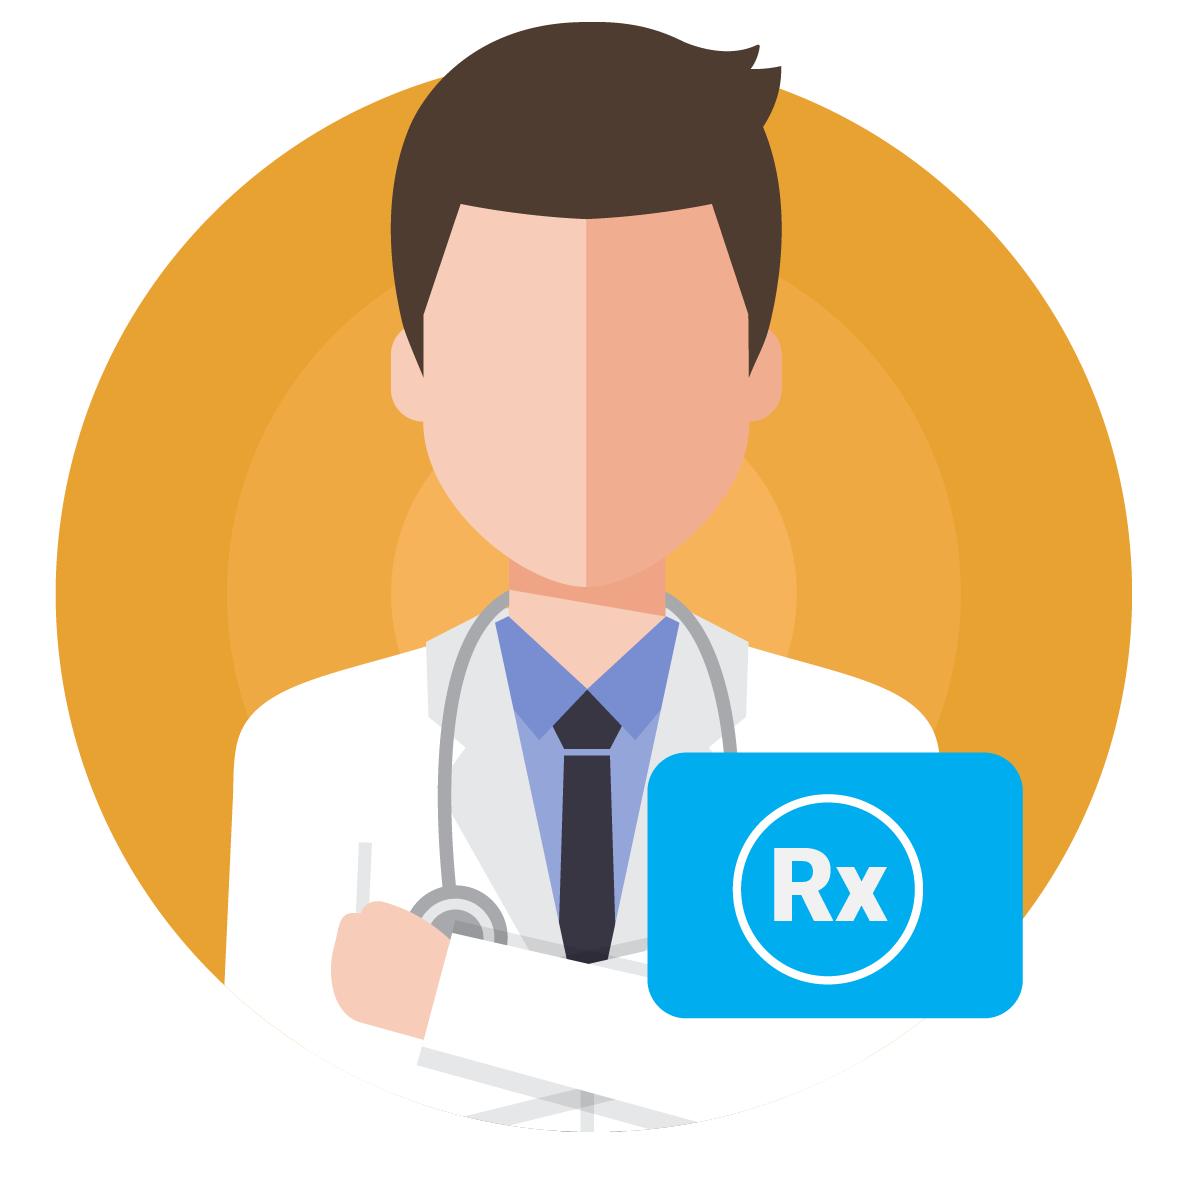 Focus clipart benefit. Rxcatalyst on patient care